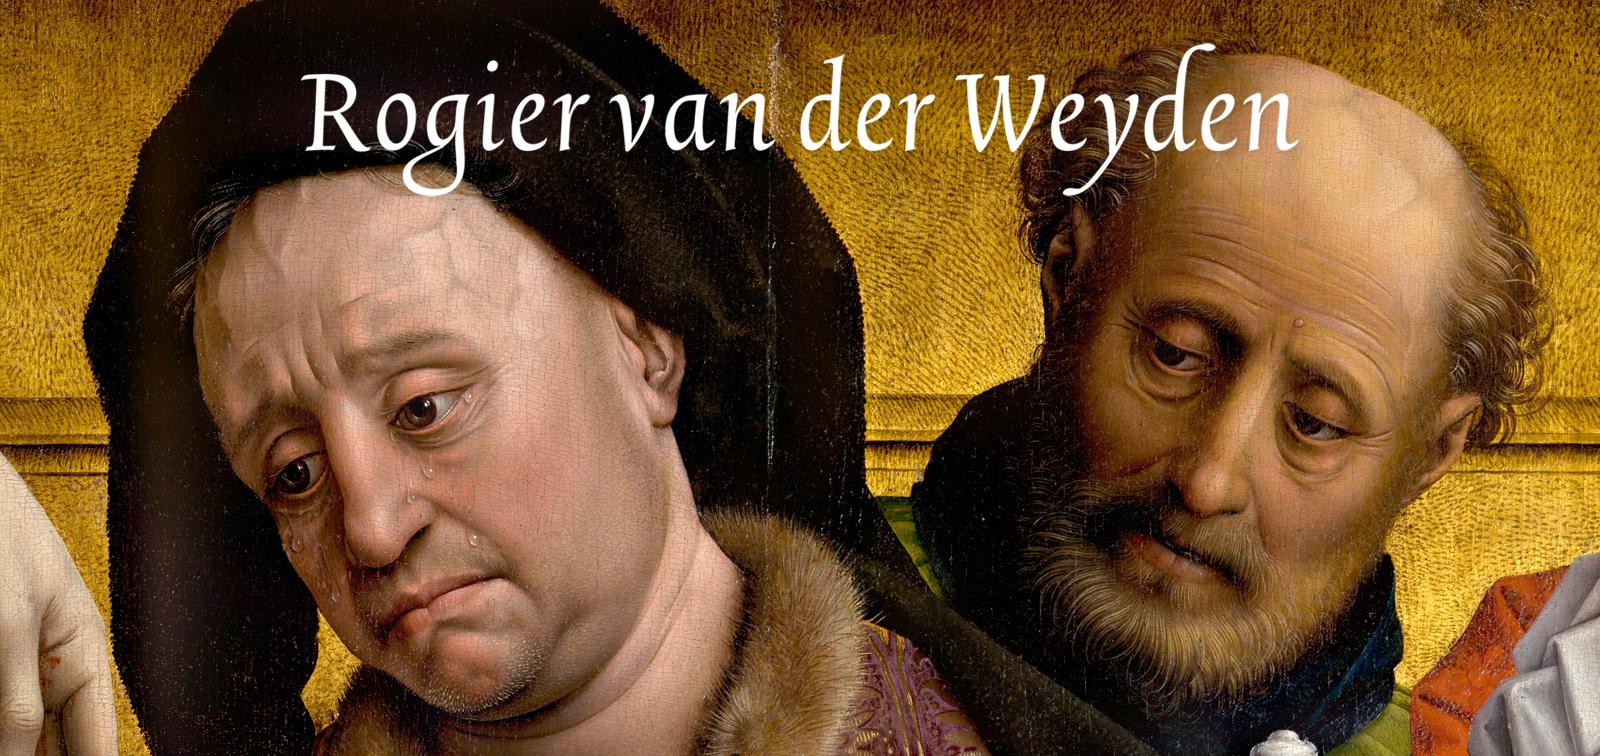 Rogier van der Weyden (h.1399-1464)